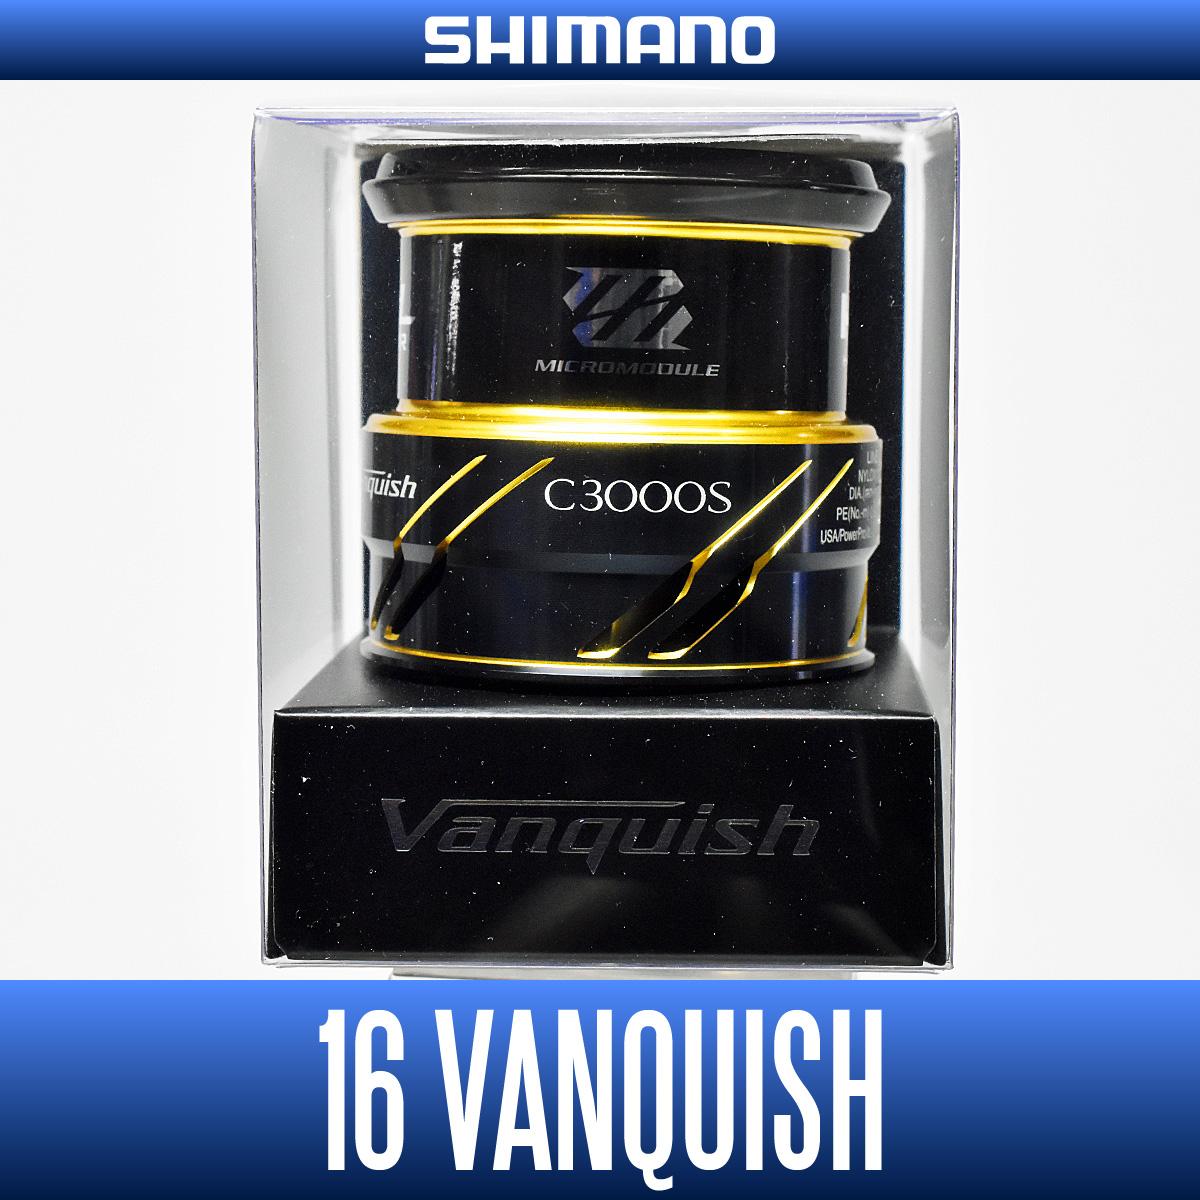 【シマノ純正】16ヴァンキッシュ C3000S番クラス スペアスプール